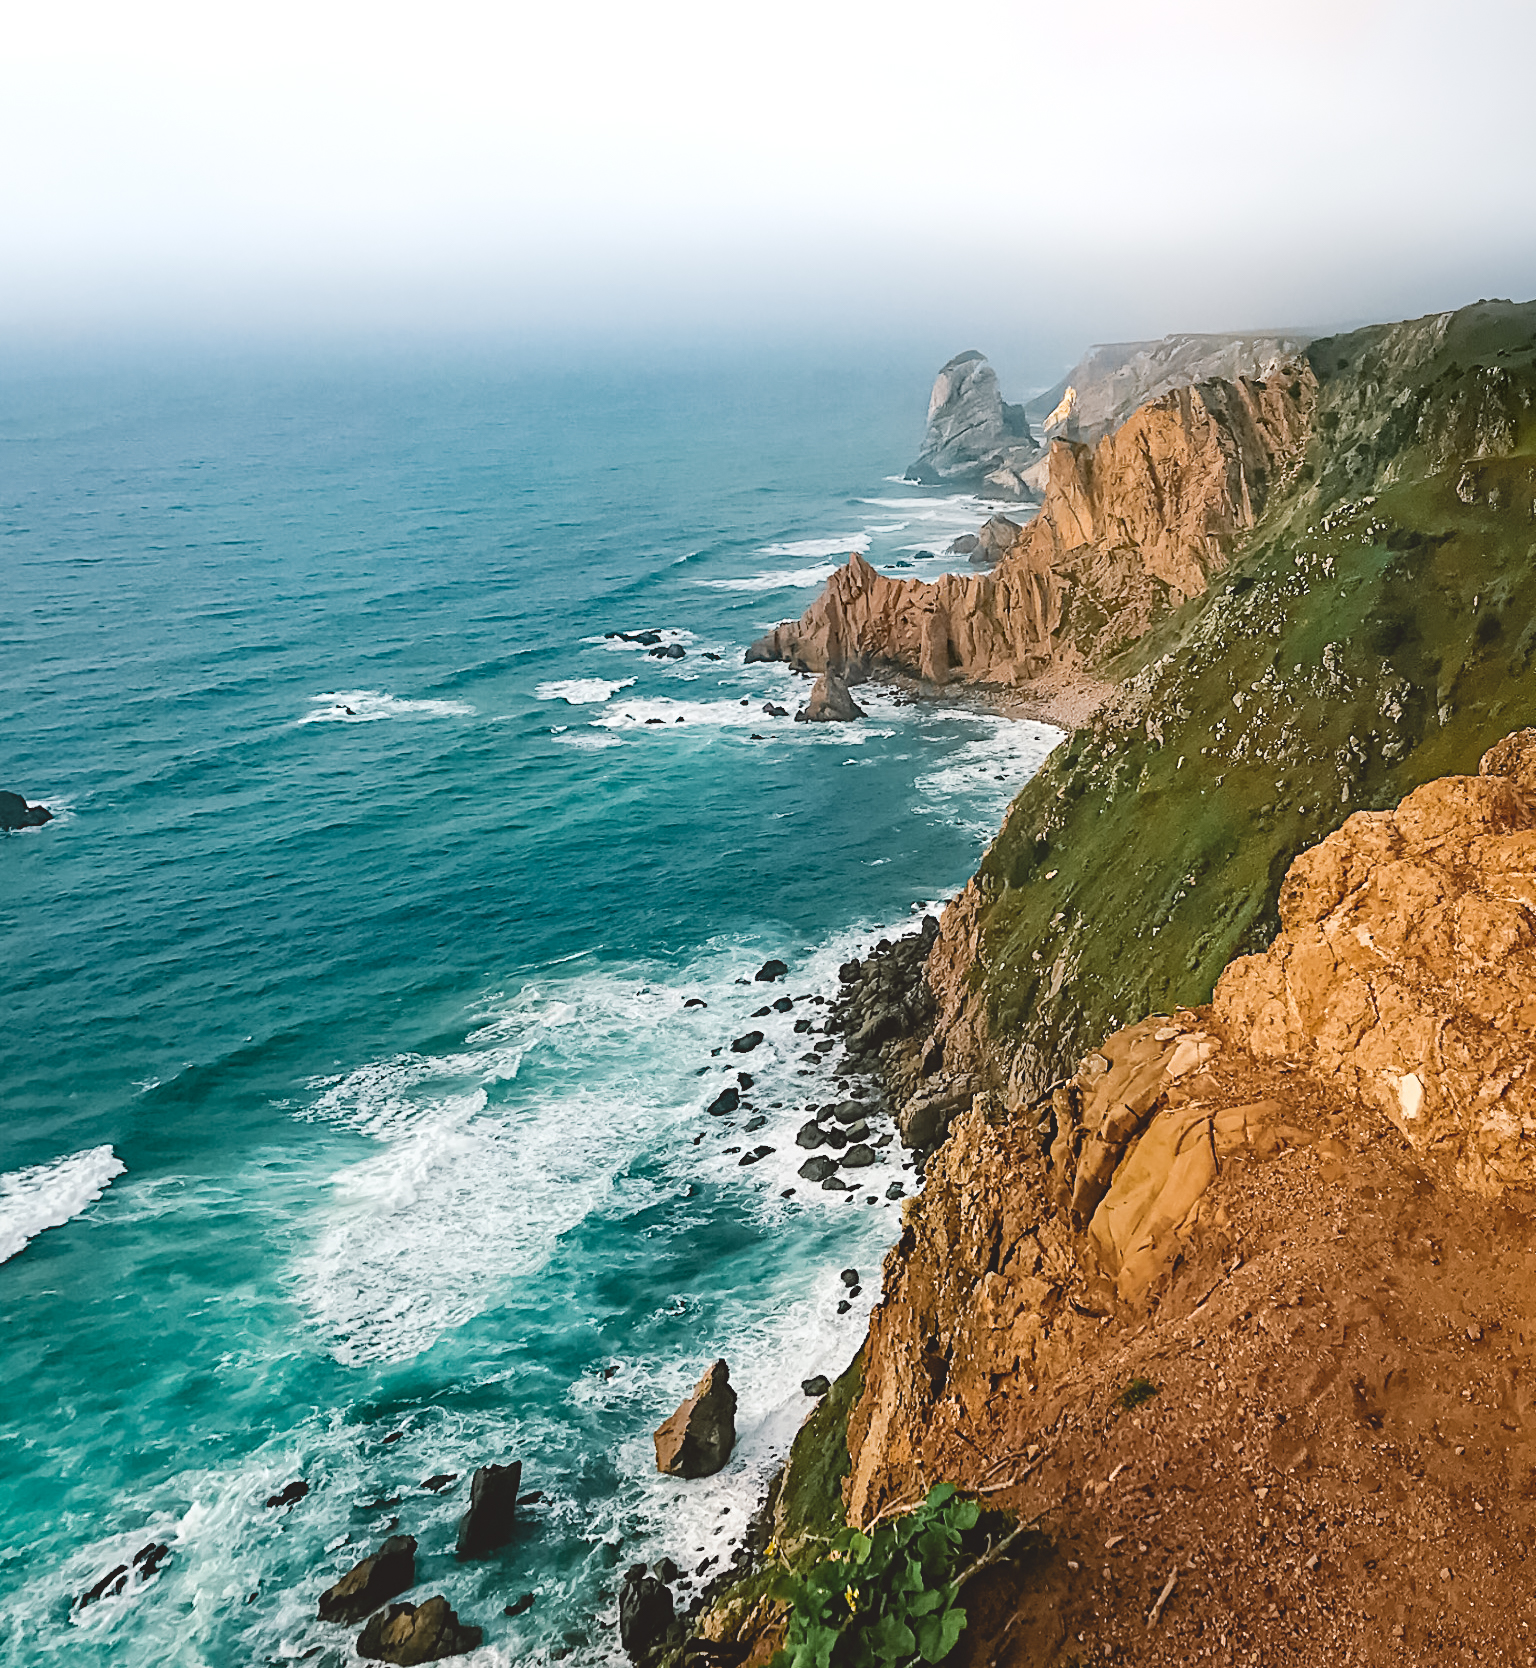 Muslim-travel-guide-Cabo-da-Roca-Sintra-Portugal-cliffs